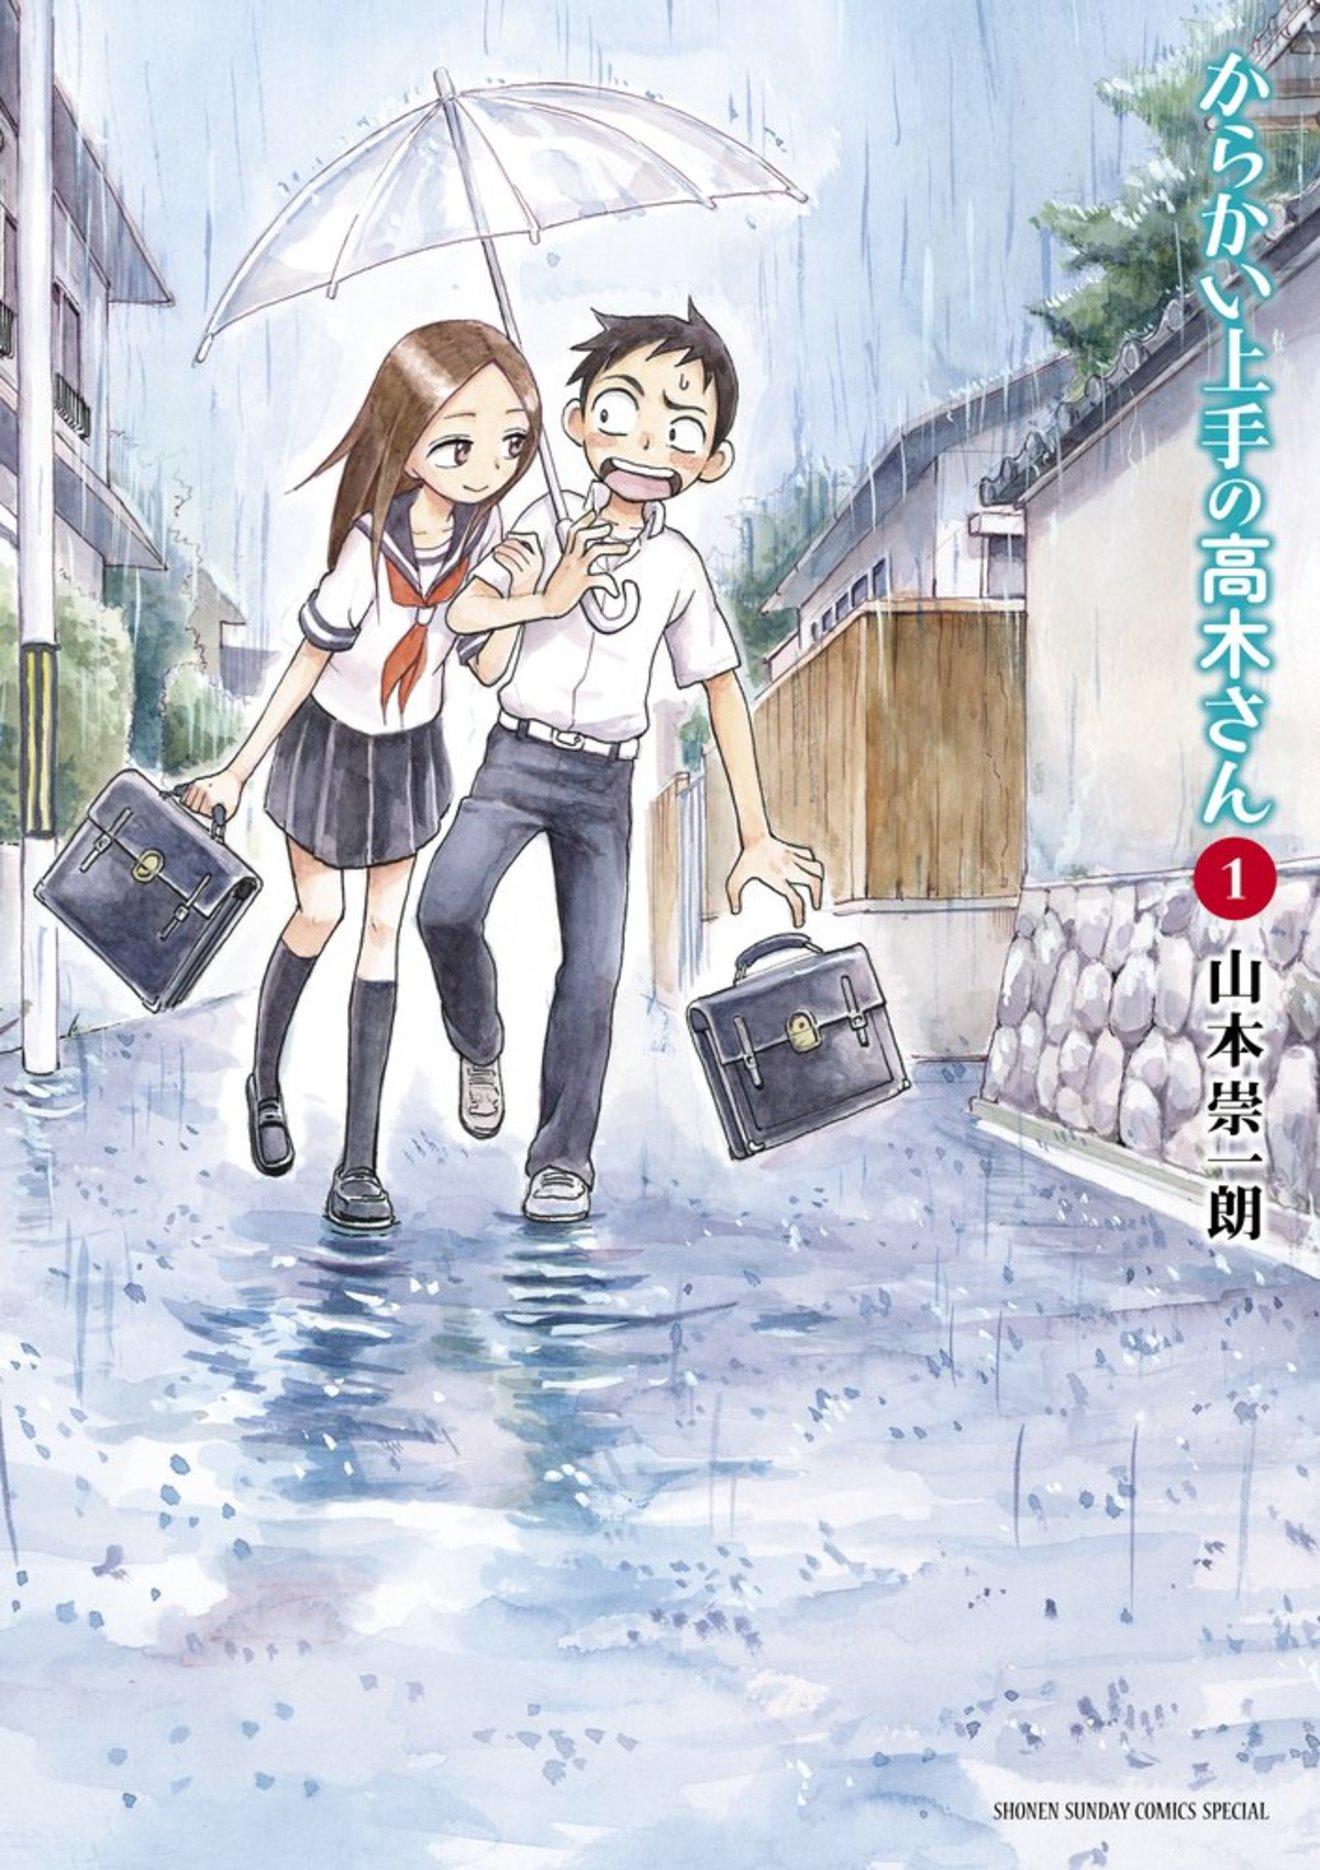 【少年誌掲載】男性におすすめの恋愛漫画8選!